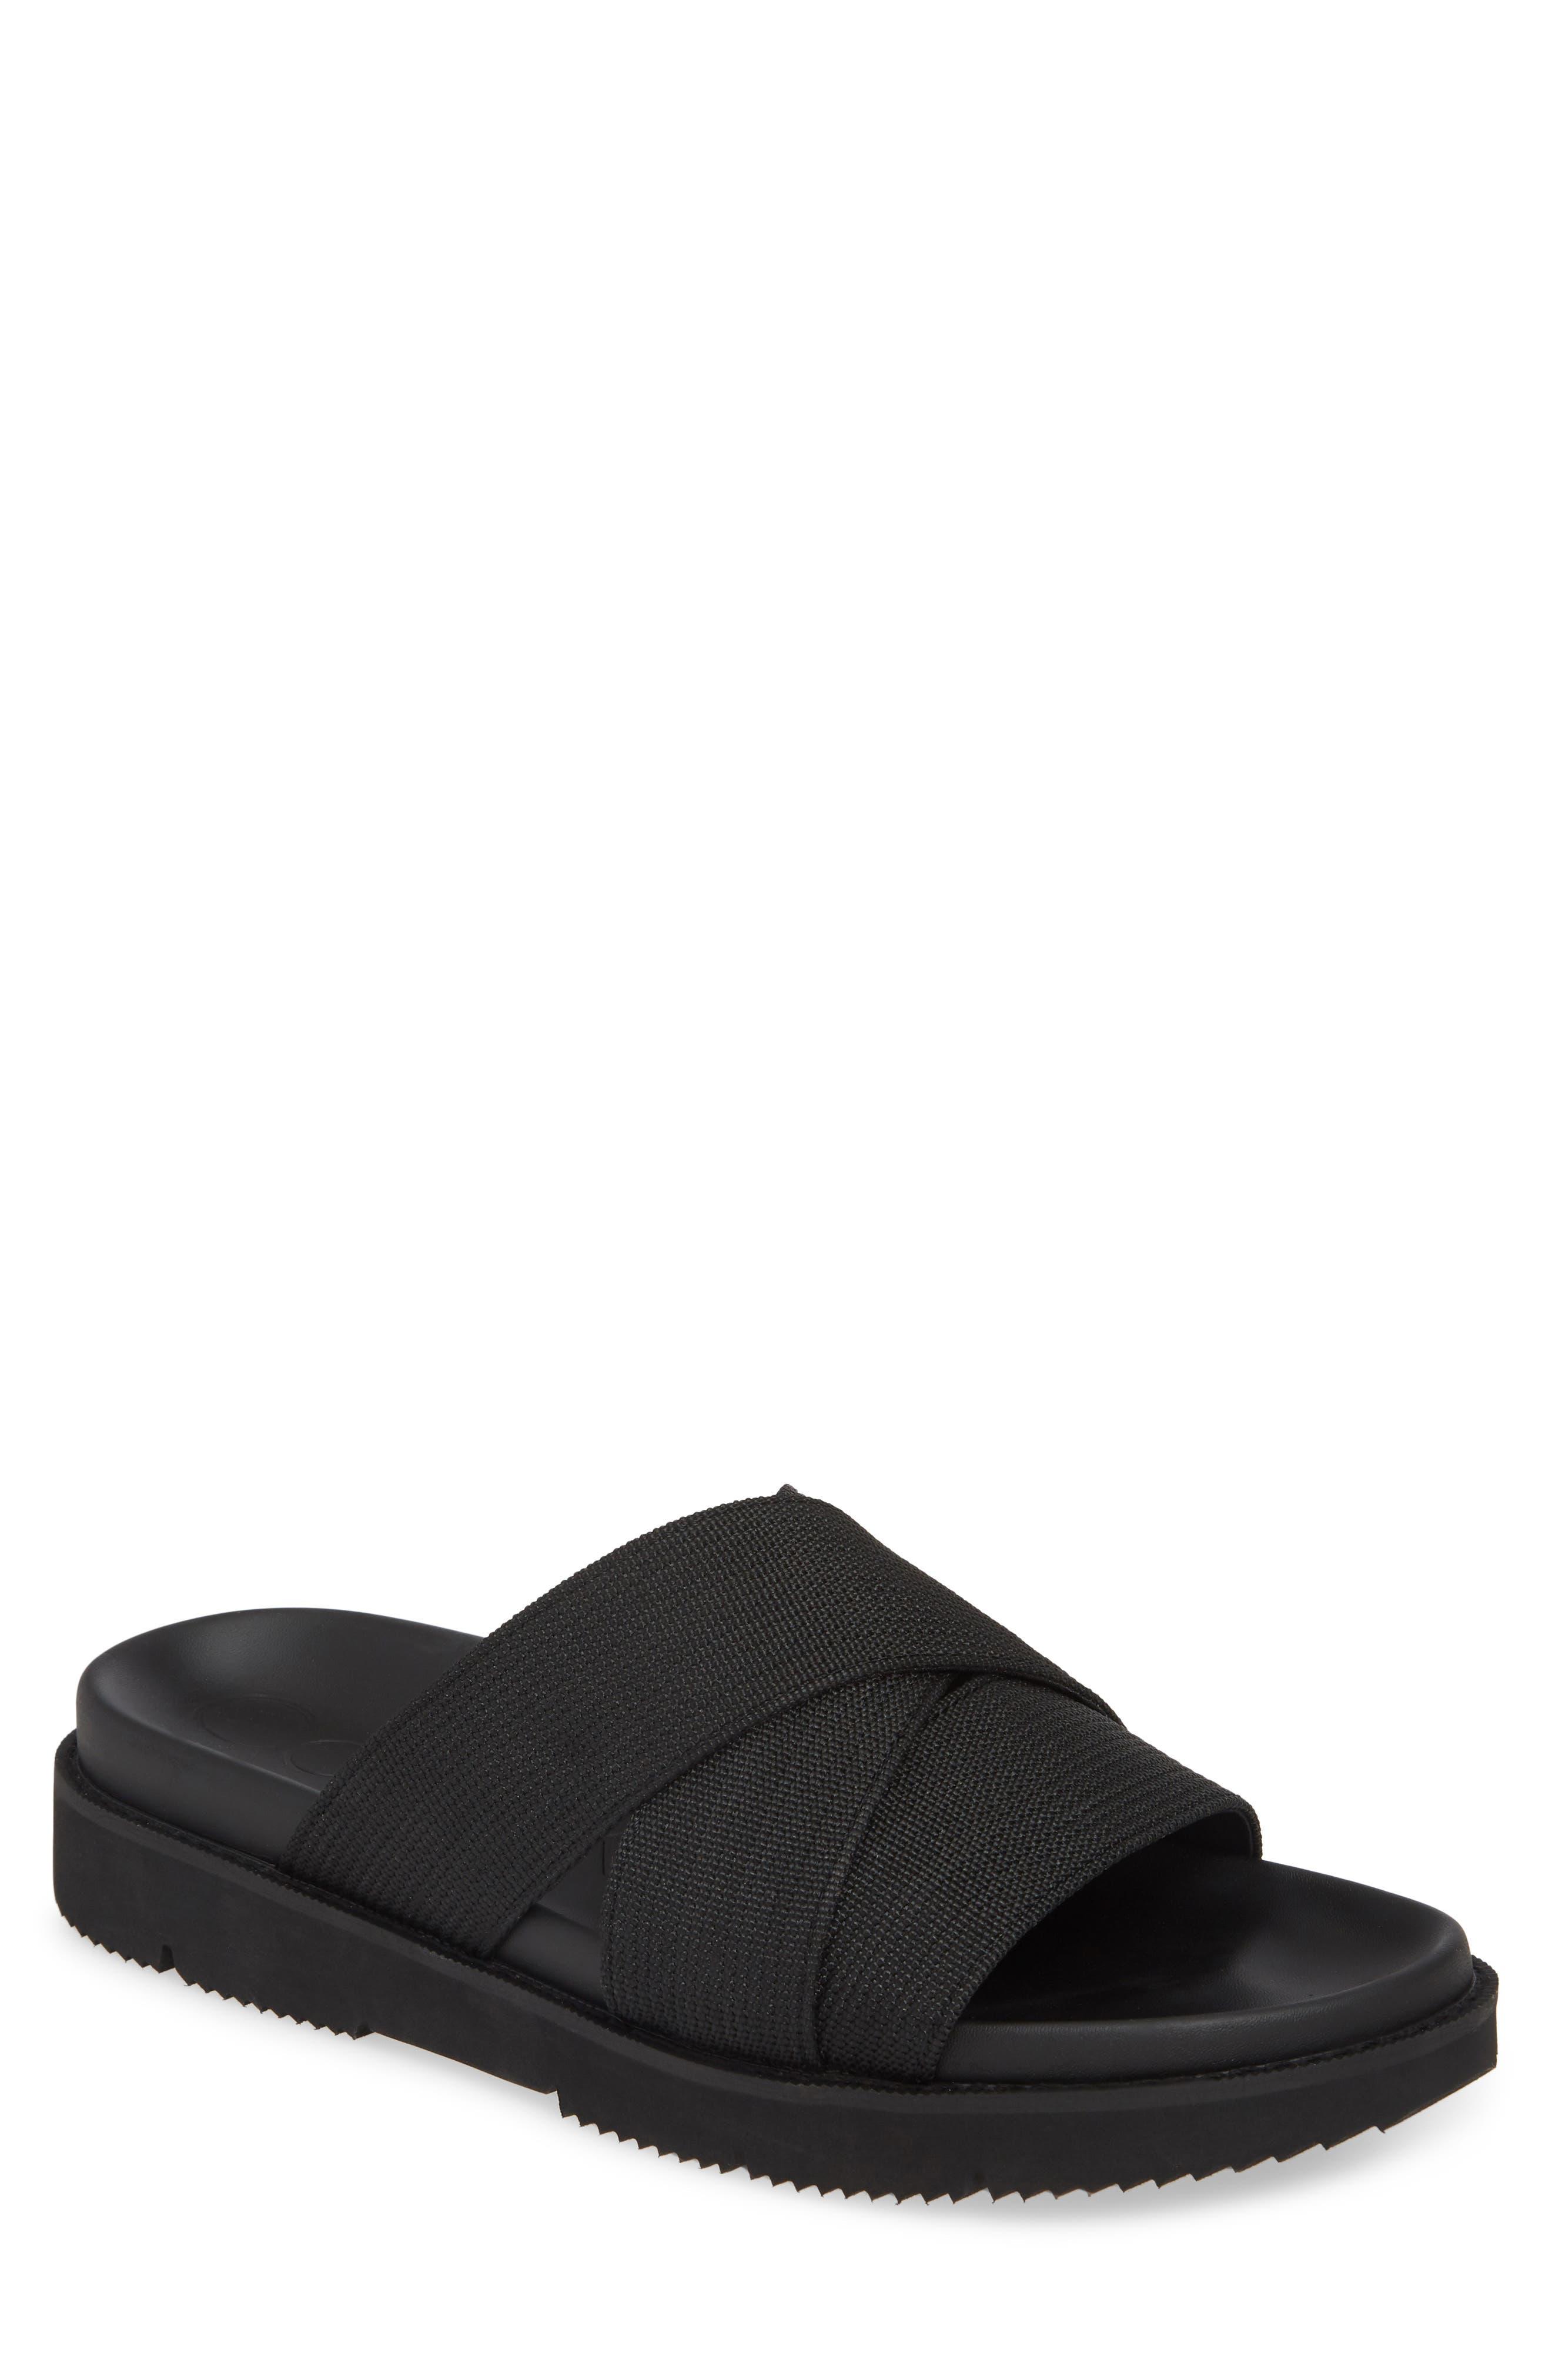 8316418258a0 men s calvin klein rowland slide sandal